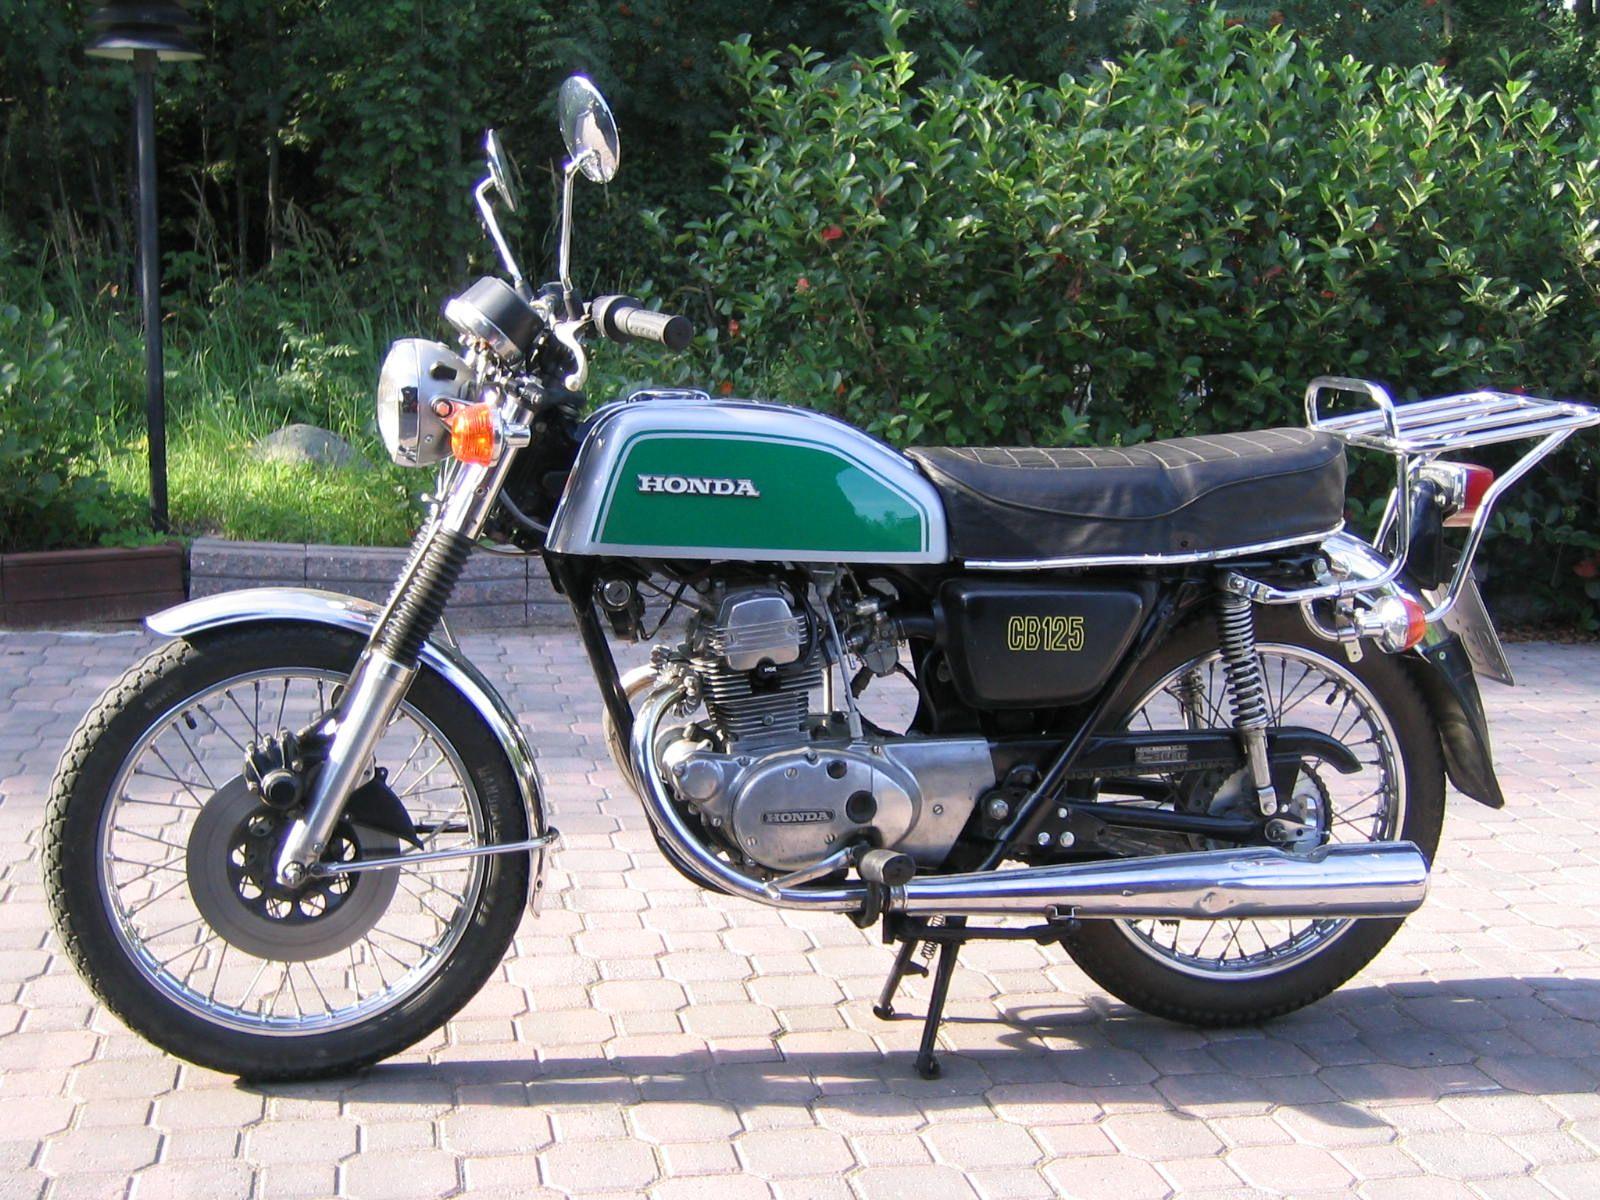 Honda Cb125 Honda Bikes Honda